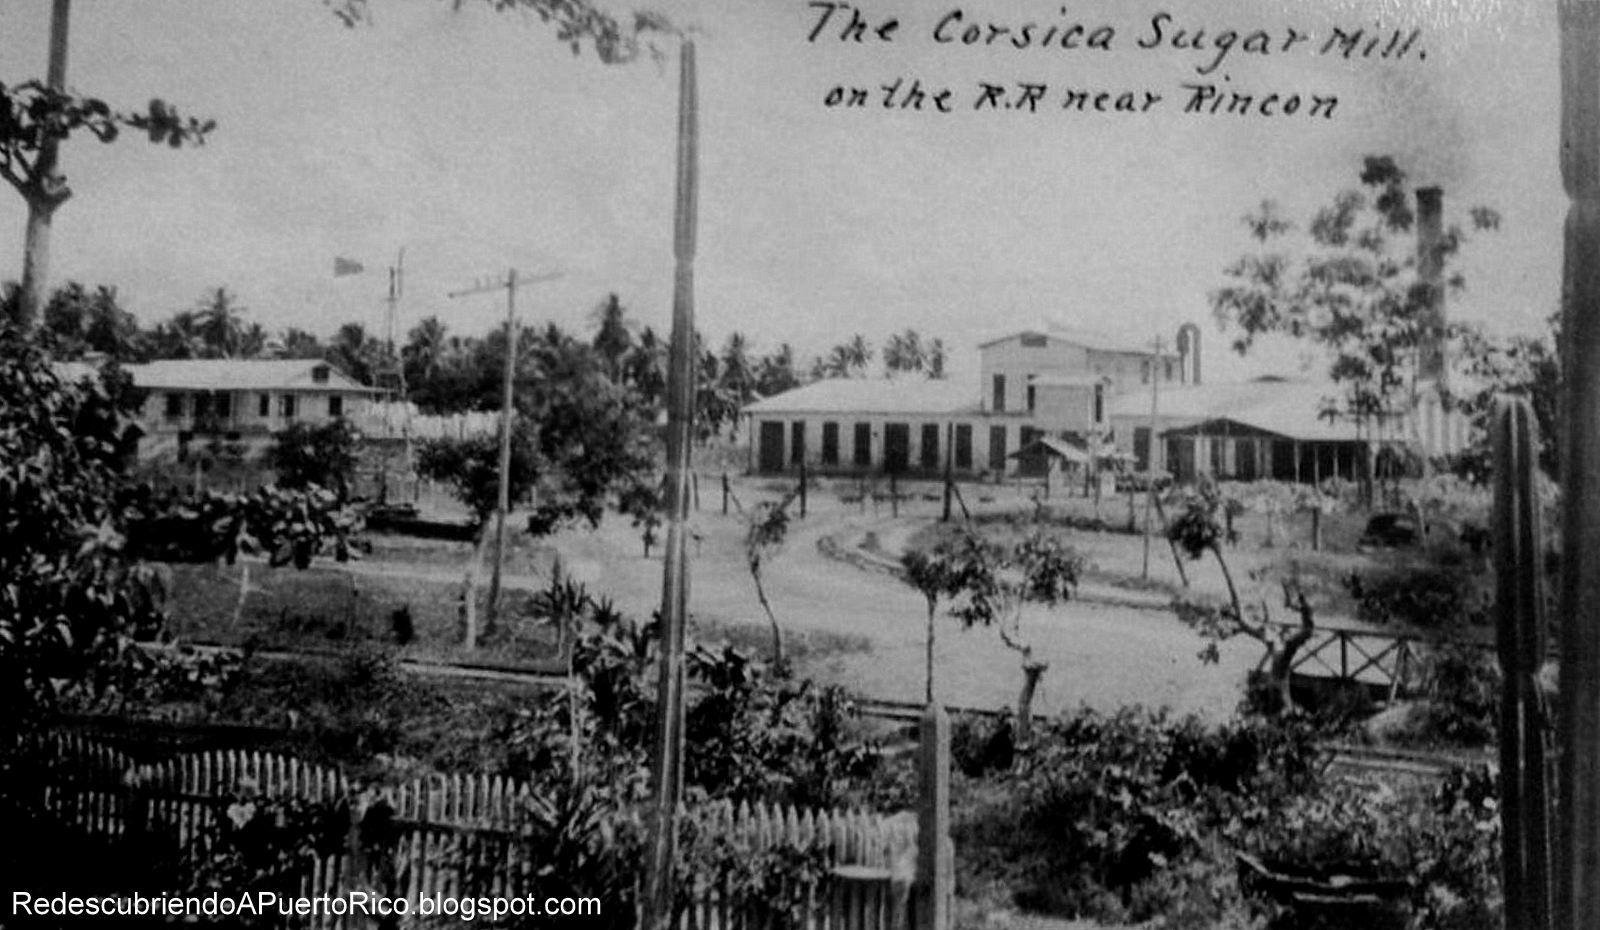 Central Corsica Rincn Puerto Rico Oper entre los aos 1885 y